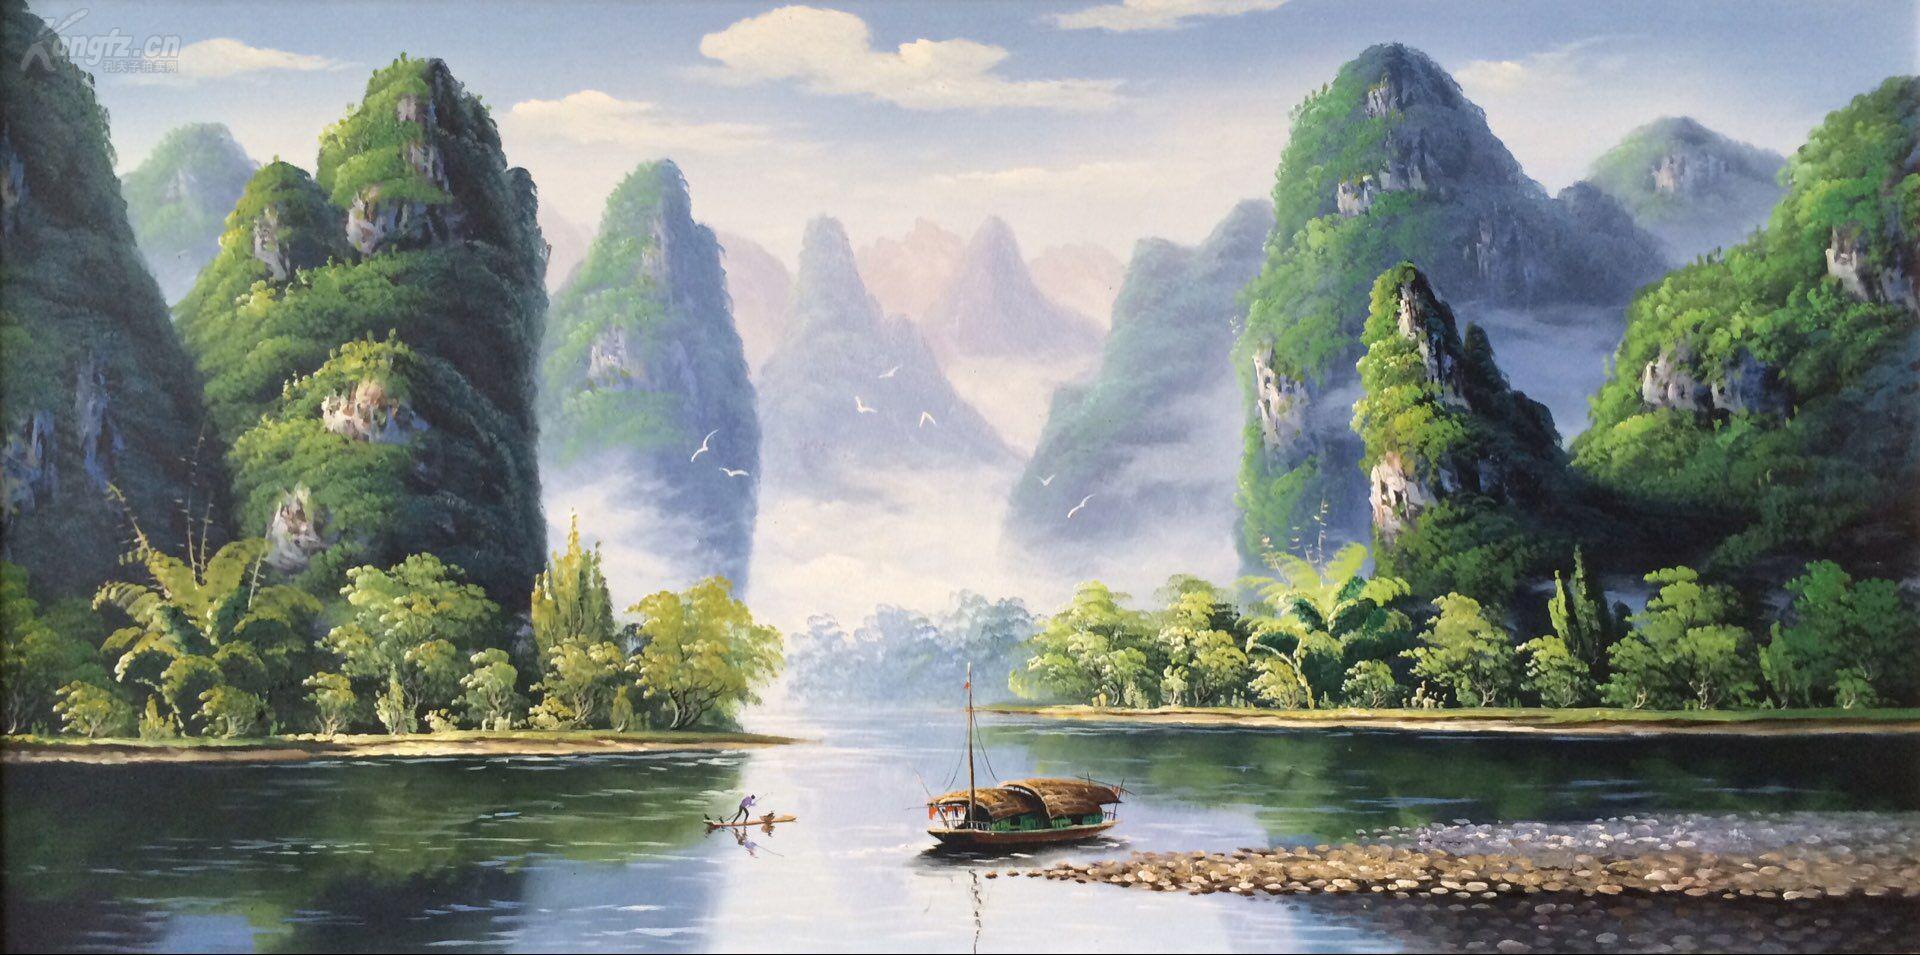 壁纸 风景 山水 桌面 1920_955